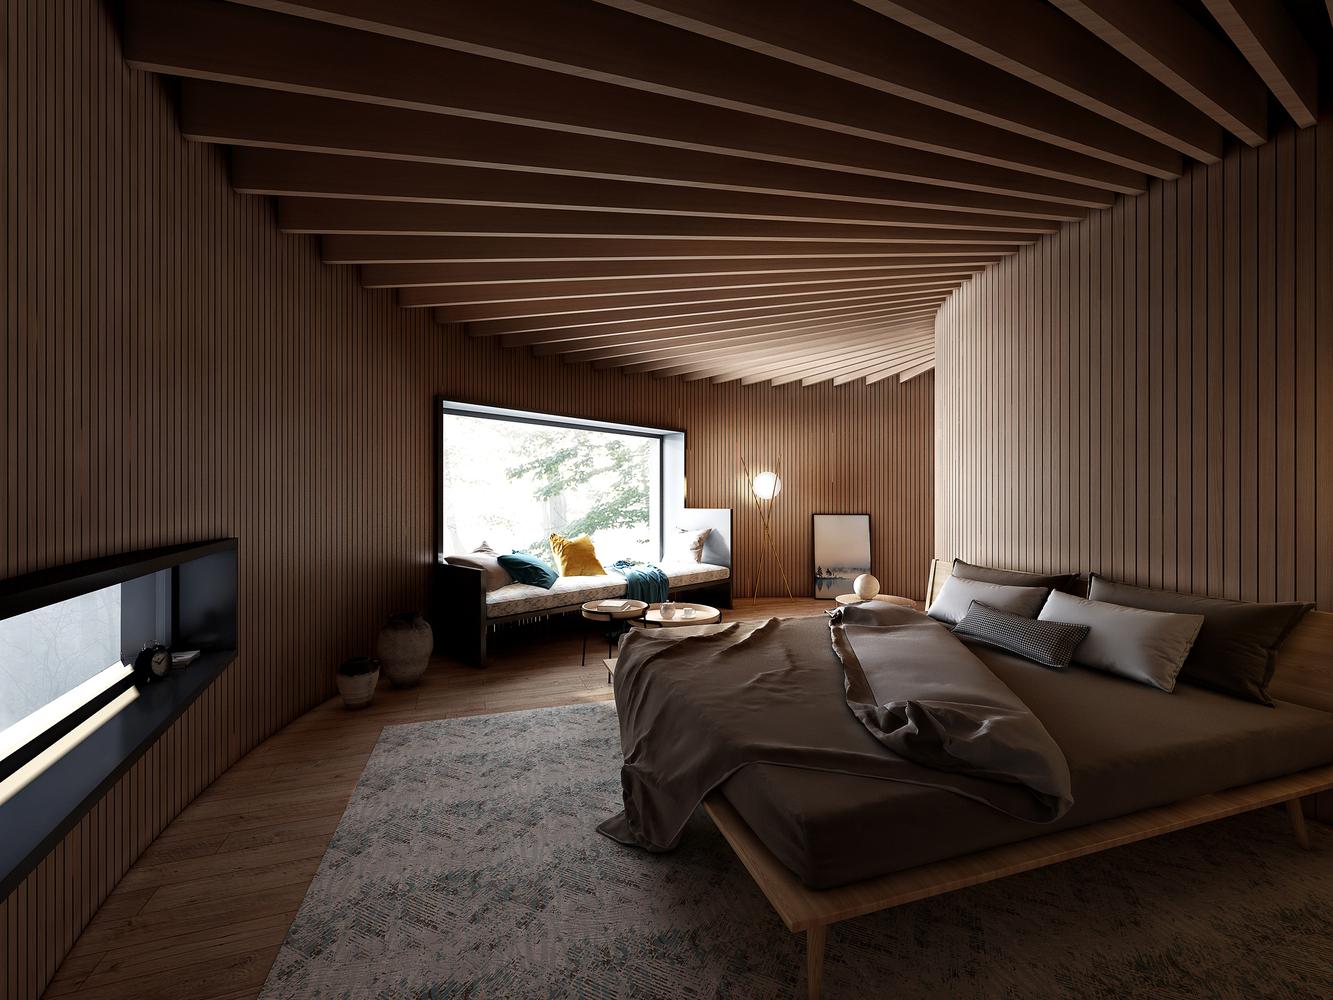 Phần gỗ ở tầng trên gồm 3 vòng tròn không đồng tâm với sân thượng hướng ra con suối cạnh đó, phòng khách và mái uốn lượn.